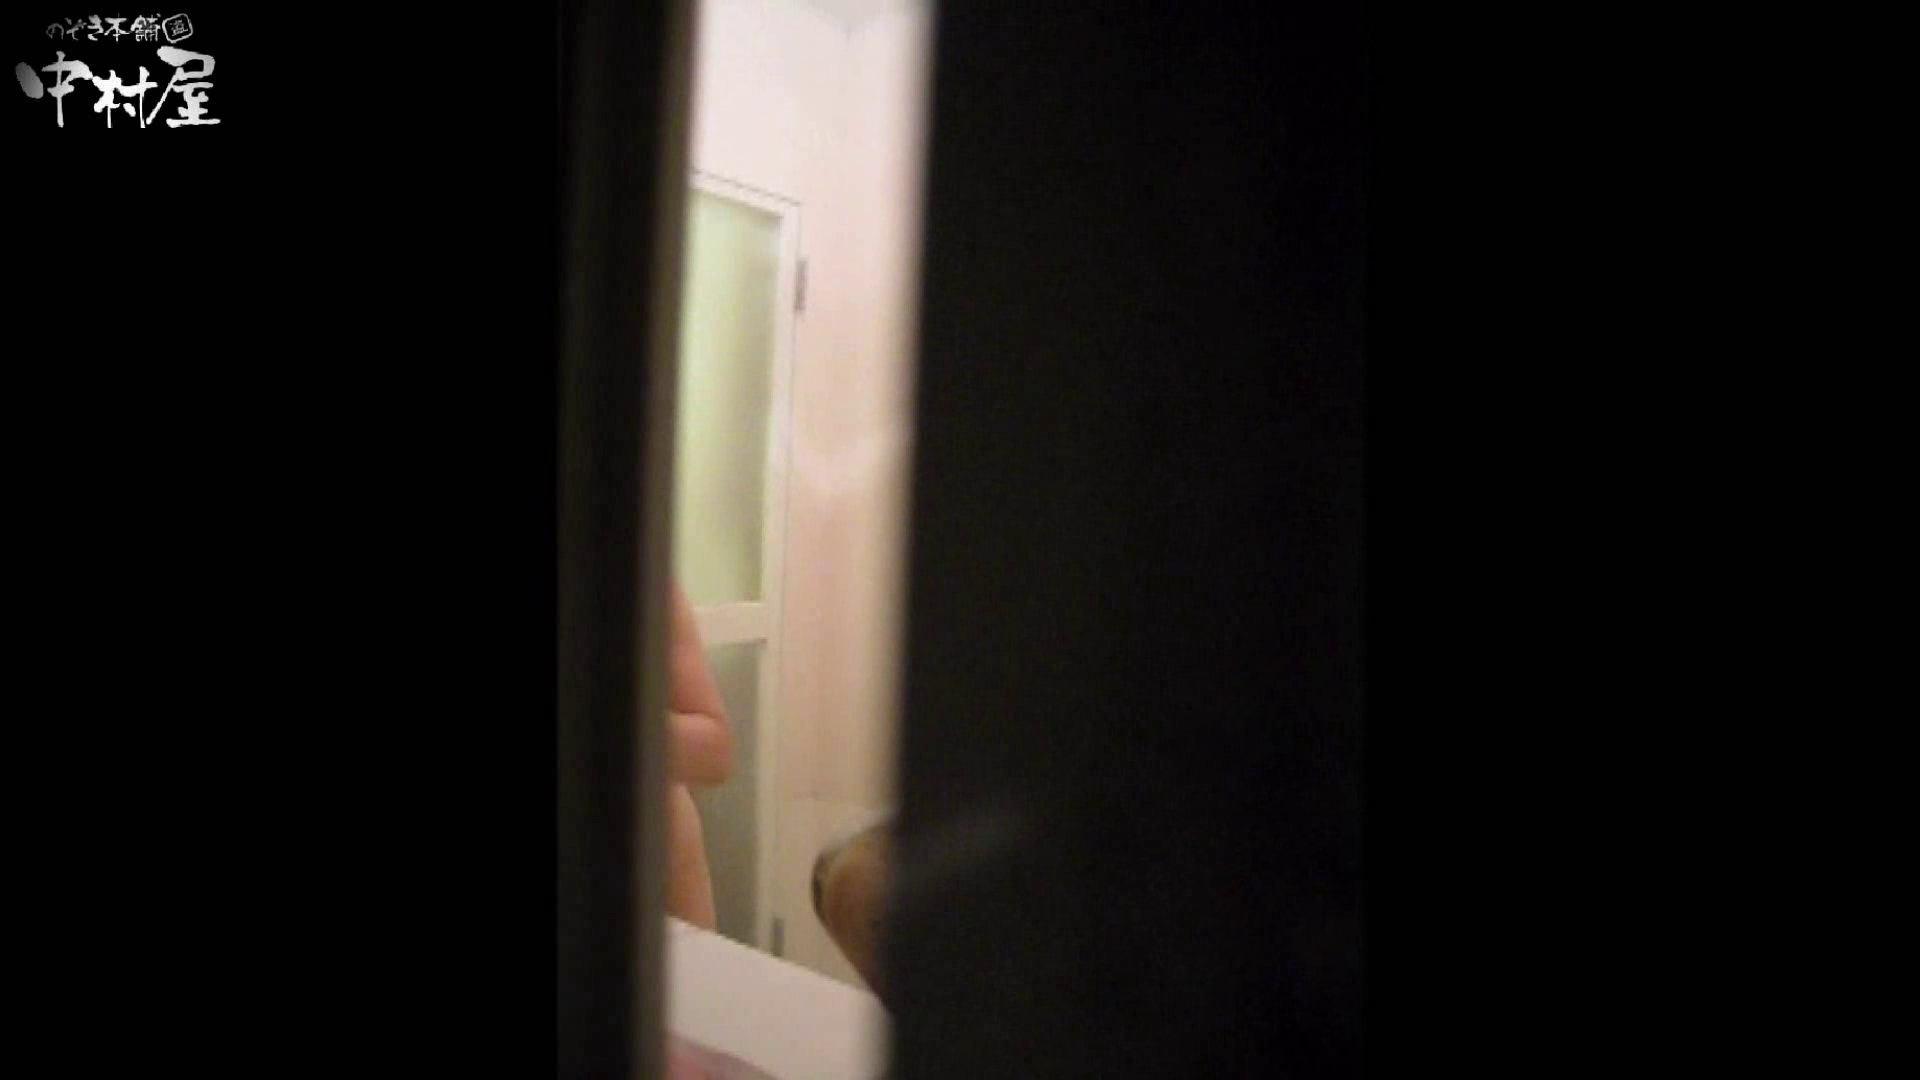 民家風呂専門盗撮師の超危険映像 vol.015 美女 | 美少女のエロ生活  107連発 73